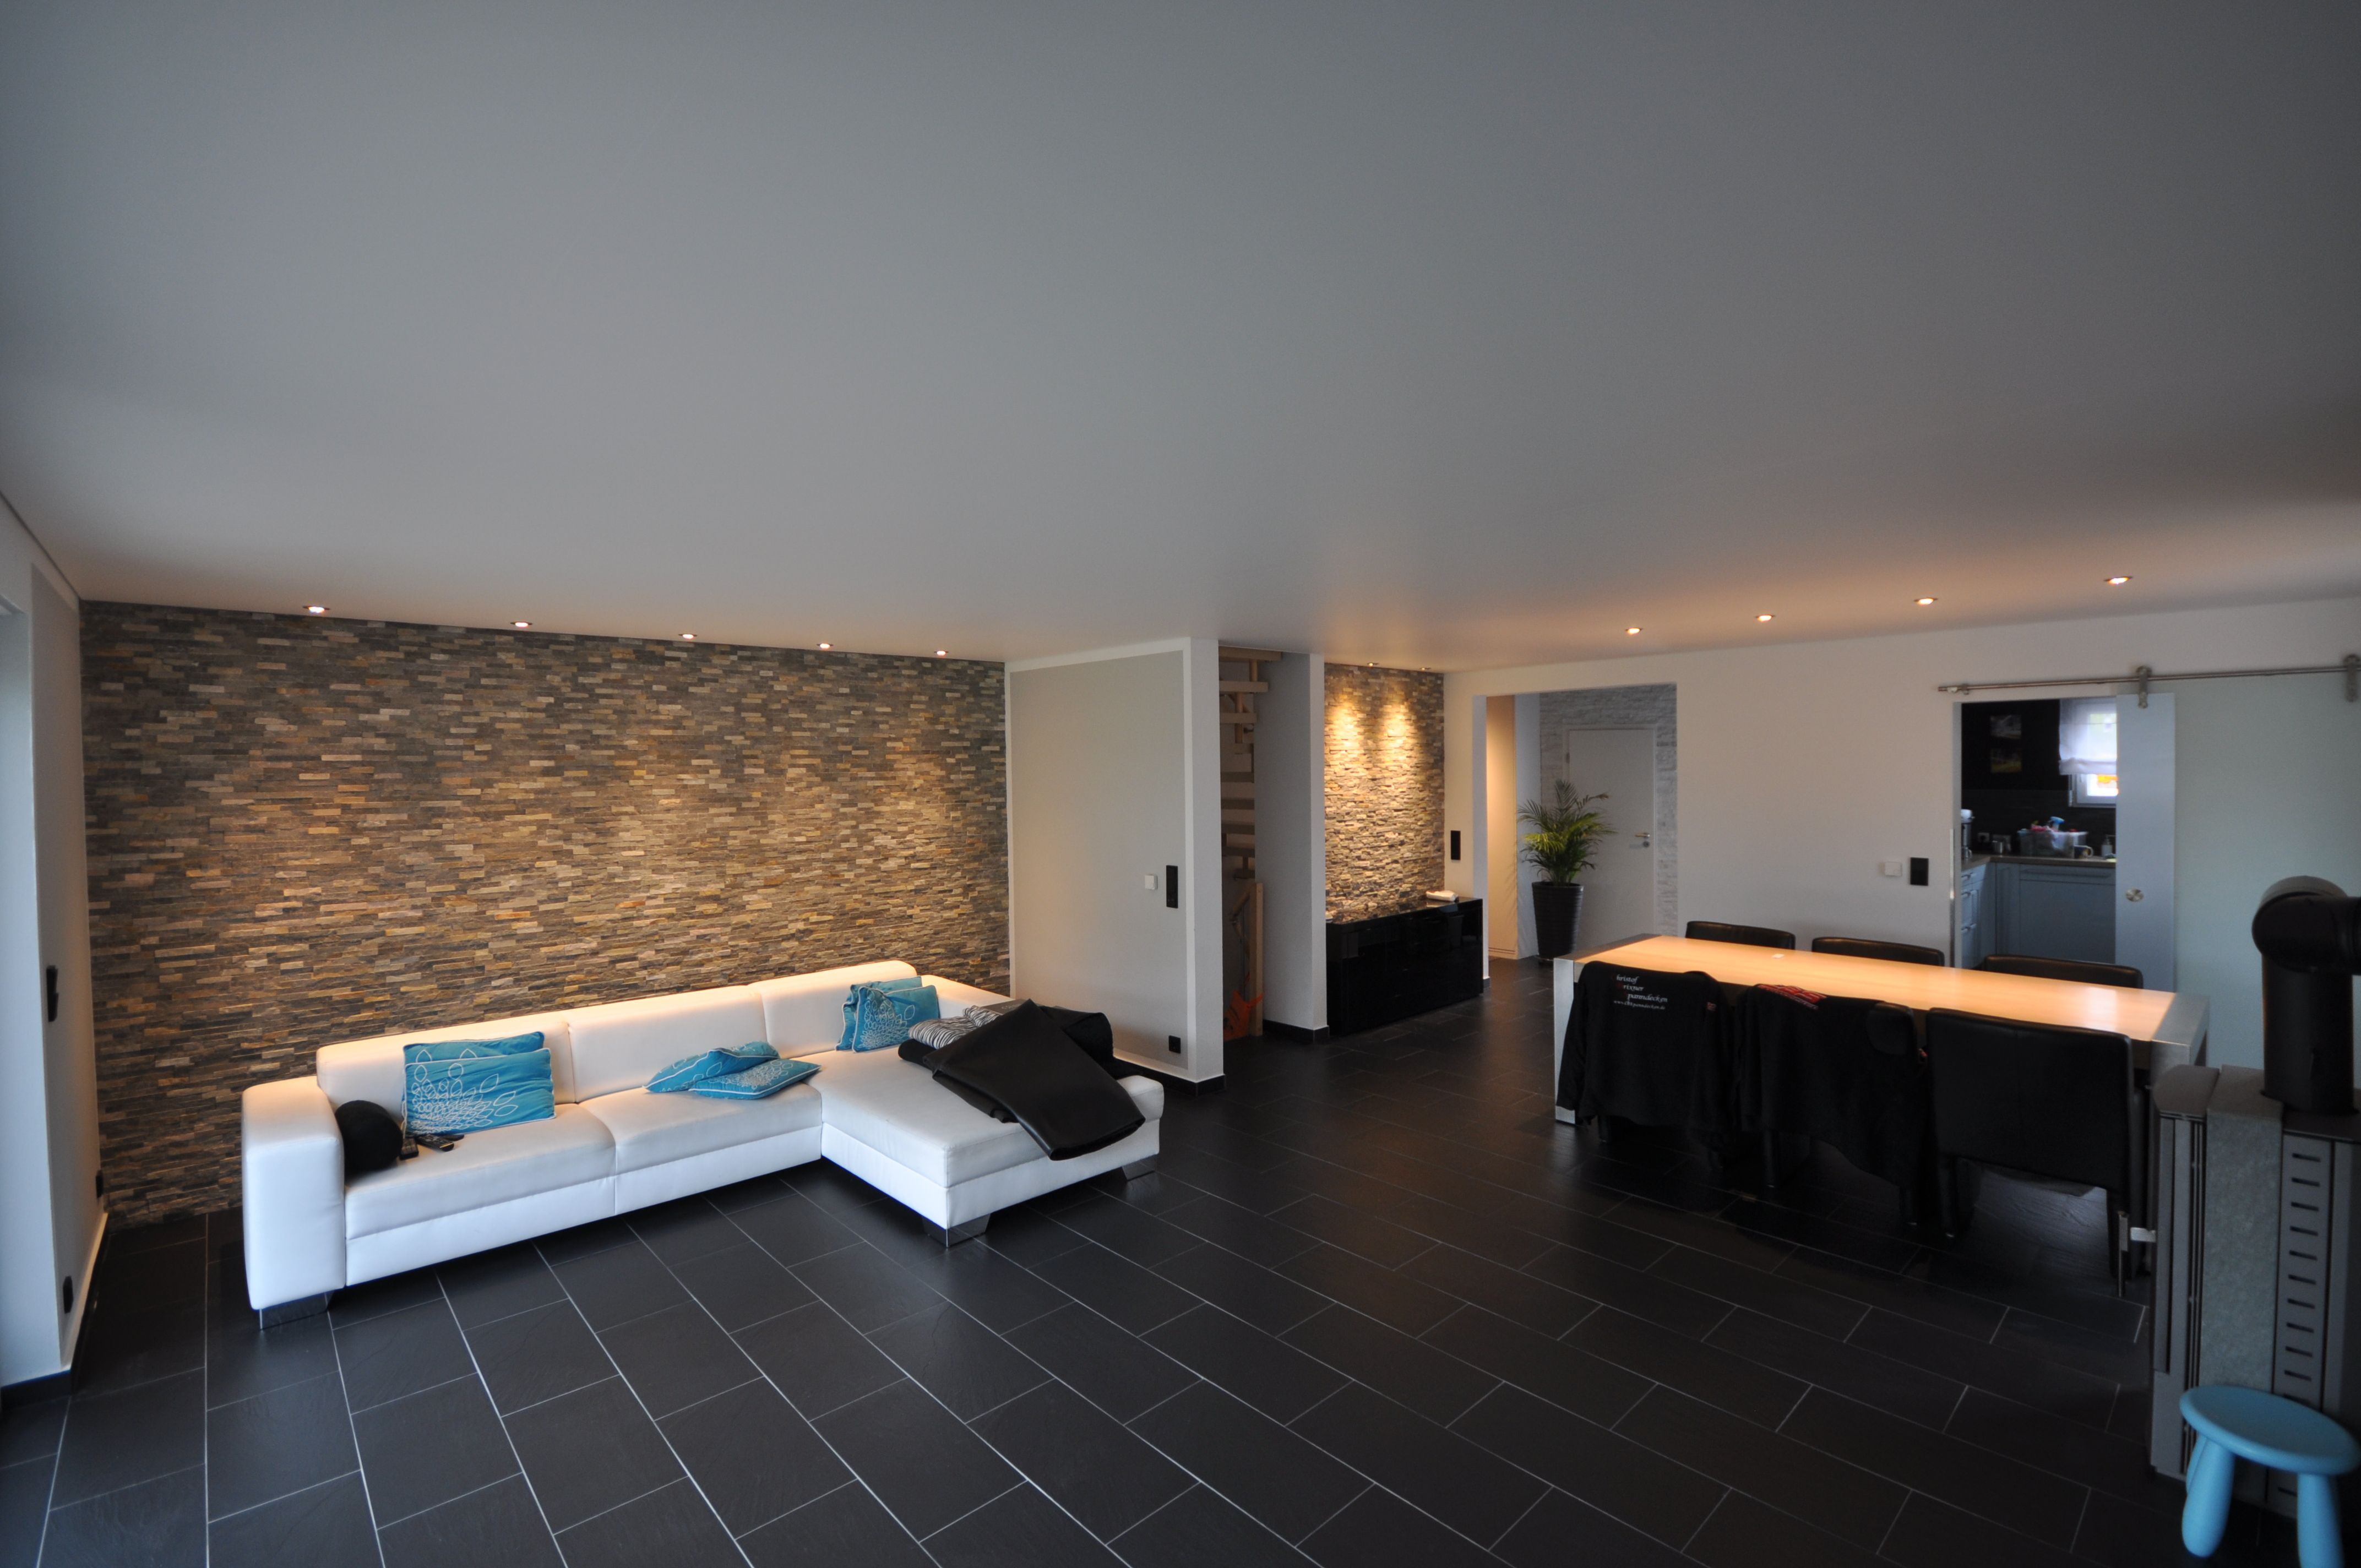 Weiss Matte Spanndecke Im Wohnzimmer Decke Beleuchtung Renovieren Led Wohnzimmer Deckenbeleuchtung Wohnzimmer Wohnen Wohnung